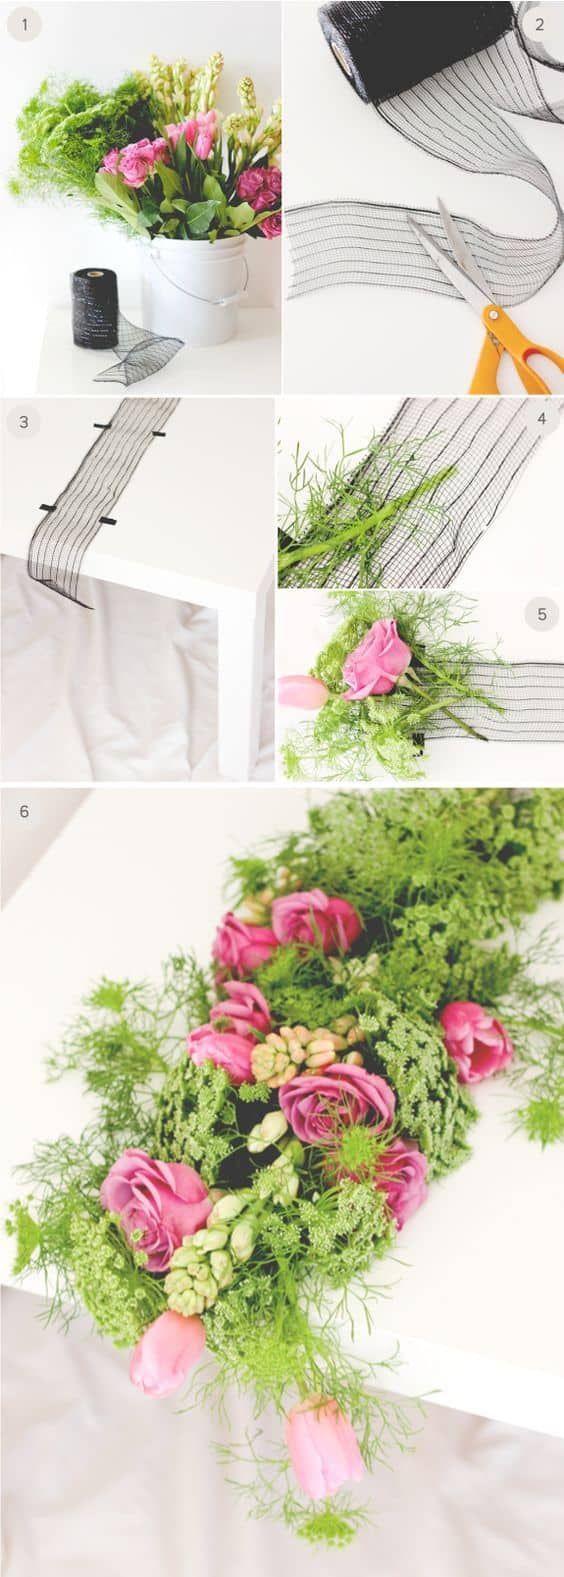 Inspirierende DIY Hochzeitsdekoration mit kleinem Budget Weitere Informationen finden Sie unter www.hoc …   – Inspiration